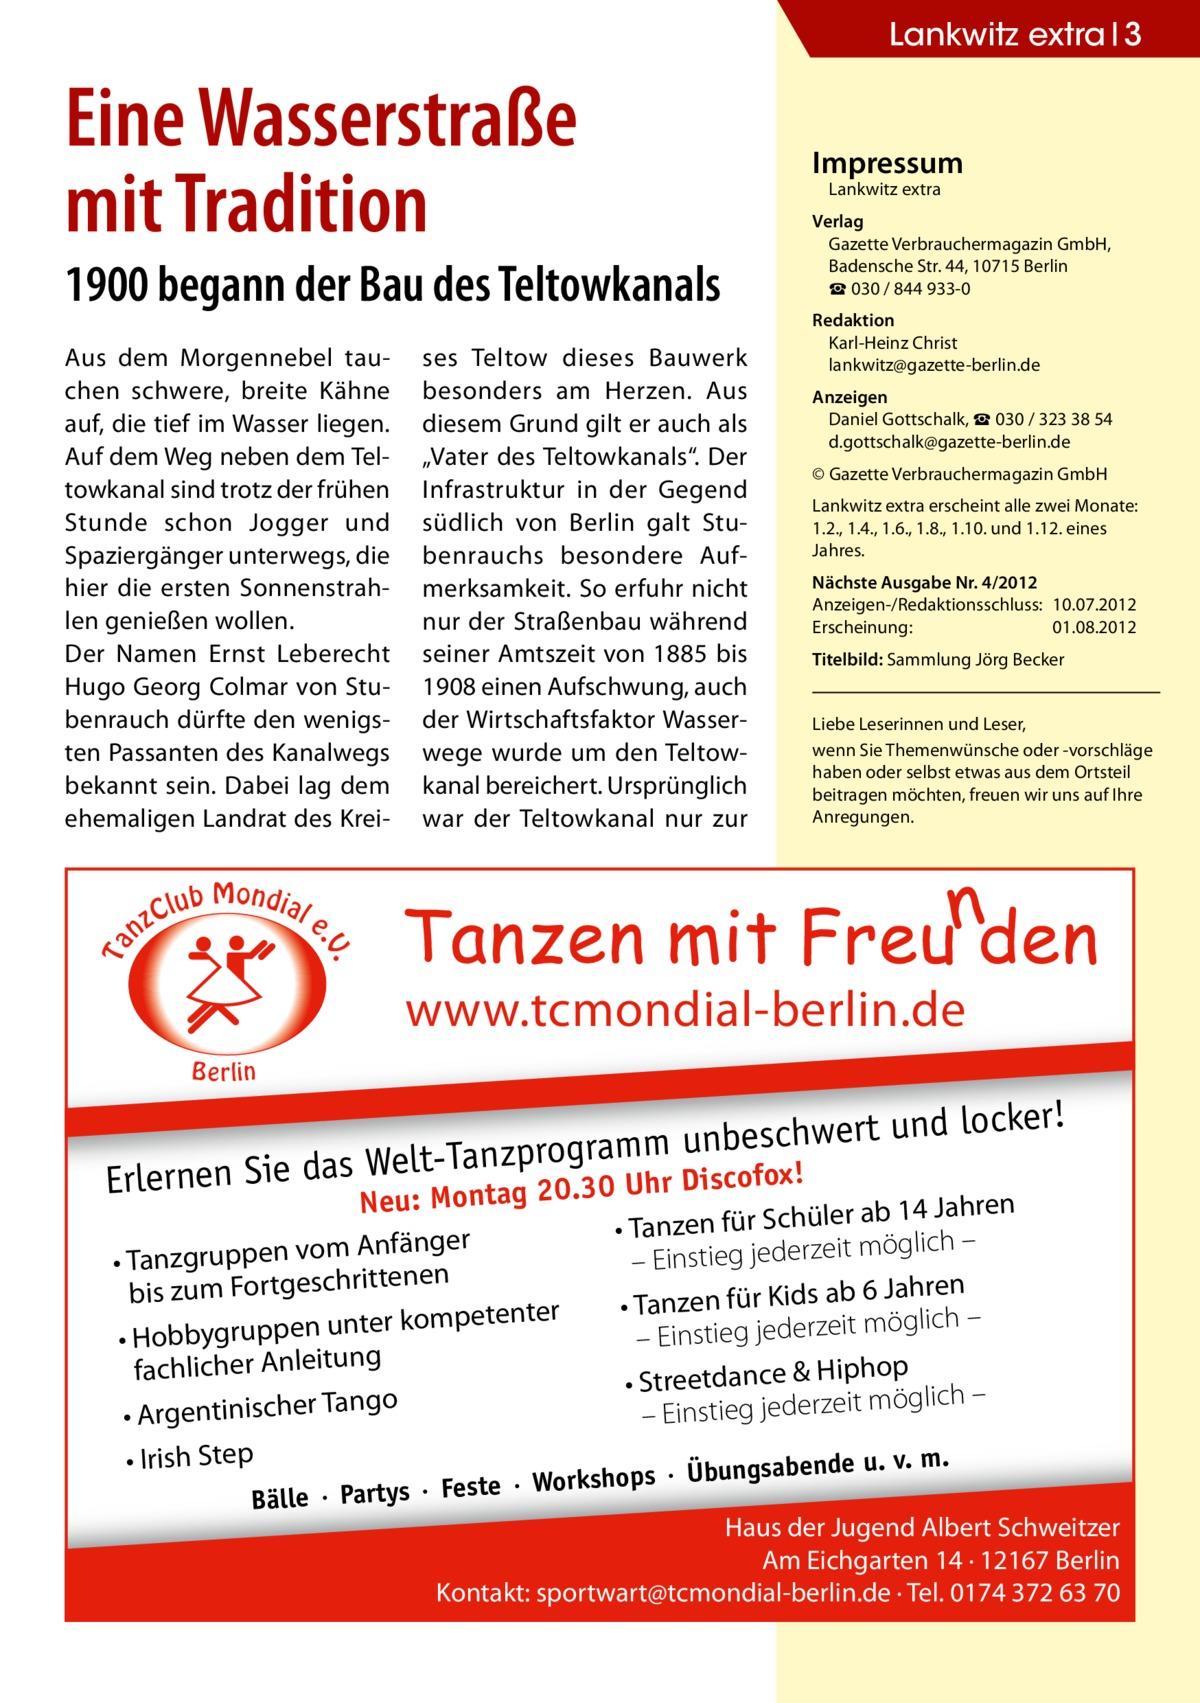 """Lankwitz extra 3  Eine Wasserstraße mit Tradition  Impressum Lankwitz extra  1900 begann der Bau des Teltowkanals  C nz  lub Mondial  ses Teltow dieses Bauwerk besonders am Herzen. Aus diesem Grund gilt er auch als """"Vater des Teltowkanals"""". Der Infrastruktur in der Gegend südlich von Berlin galt Stubenrauchs besondere Aufmerksamkeit. So erfuhr nicht nur der Straßenbau während seiner Amtszeit von 1885 bis 1908 einen Aufschwung, auch der Wirtschaftsfaktor Wasserwege wurde um den Teltowkanal bereichert. Ursprünglich war der Teltowkanal nur zur  Redaktion Karl-Heinz Christ lankwitz@gazette-berlin.de Anzeigen Daniel Gottschalk, ☎ 030 / 323 38 54 d.gottschalk@gazette-berlin.de © Gazette Verbrauchermagazin GmbH Lankwitz extra erscheint alle zwei Monate: 1.2., 1.4., 1.6., 1.8., 1.10. und 1.12. eines Jahres. Nächste Ausgabe Nr. 4/2012 Anzeigen-/Redaktionsschluss:10.07.2012 Erscheinung:01.08.2012 Titelbild: Sammlung Jörg Becker Liebe Leserinnen und Leser, wenn Sie Themenwünsche oder -vorschläge haben oder selbst etwas aus dem Ortsteil beitragen möchten, freuen wir uns auf Ihre Anregungen.  e  . .V  Ta  Aus dem Morgennebel tauchen schwere, breite Kähne auf, die tief im Wasser liegen. Auf dem Weg neben dem Teltowkanal sind trotz der frühen Stunde schon Jogger und Spaziergänger unterwegs, die hier die ersten Sonnenstrahlen genießen wollen. Der Namen Ernst Leberecht Hugo Georg Colmar von Stubenrauch dürfte den wenigsten Passanten des Kanalwegs bekannt sein. Dabei lag dem ehemaligen Landrat des Krei Verlag Gazette Verbrauchermagazin GmbH, BadenscheStr.44, 10715 Berlin ☎ 030 / 844 933-0  www.tcmondial-berlin.de B e rlin  ert und locker!  beschw t-Tanzprogramm unscofox! el W s da e Si en rn r Di Erle Montag 20.30 Uh Neu:  Anfänger • Tanzgruppen vom tenen rit ch es bis zum Fortg ter kompetenter • Hobbygruppen un fachlicher Anleitung ngo • Argentinischer Ta • Irish Step  r ab 14 Jahren • Tanzen für Schüle möglich – it – Einstieg jederze 6 Jahren • Tanzen für Kids ab möglich – it ze er"""